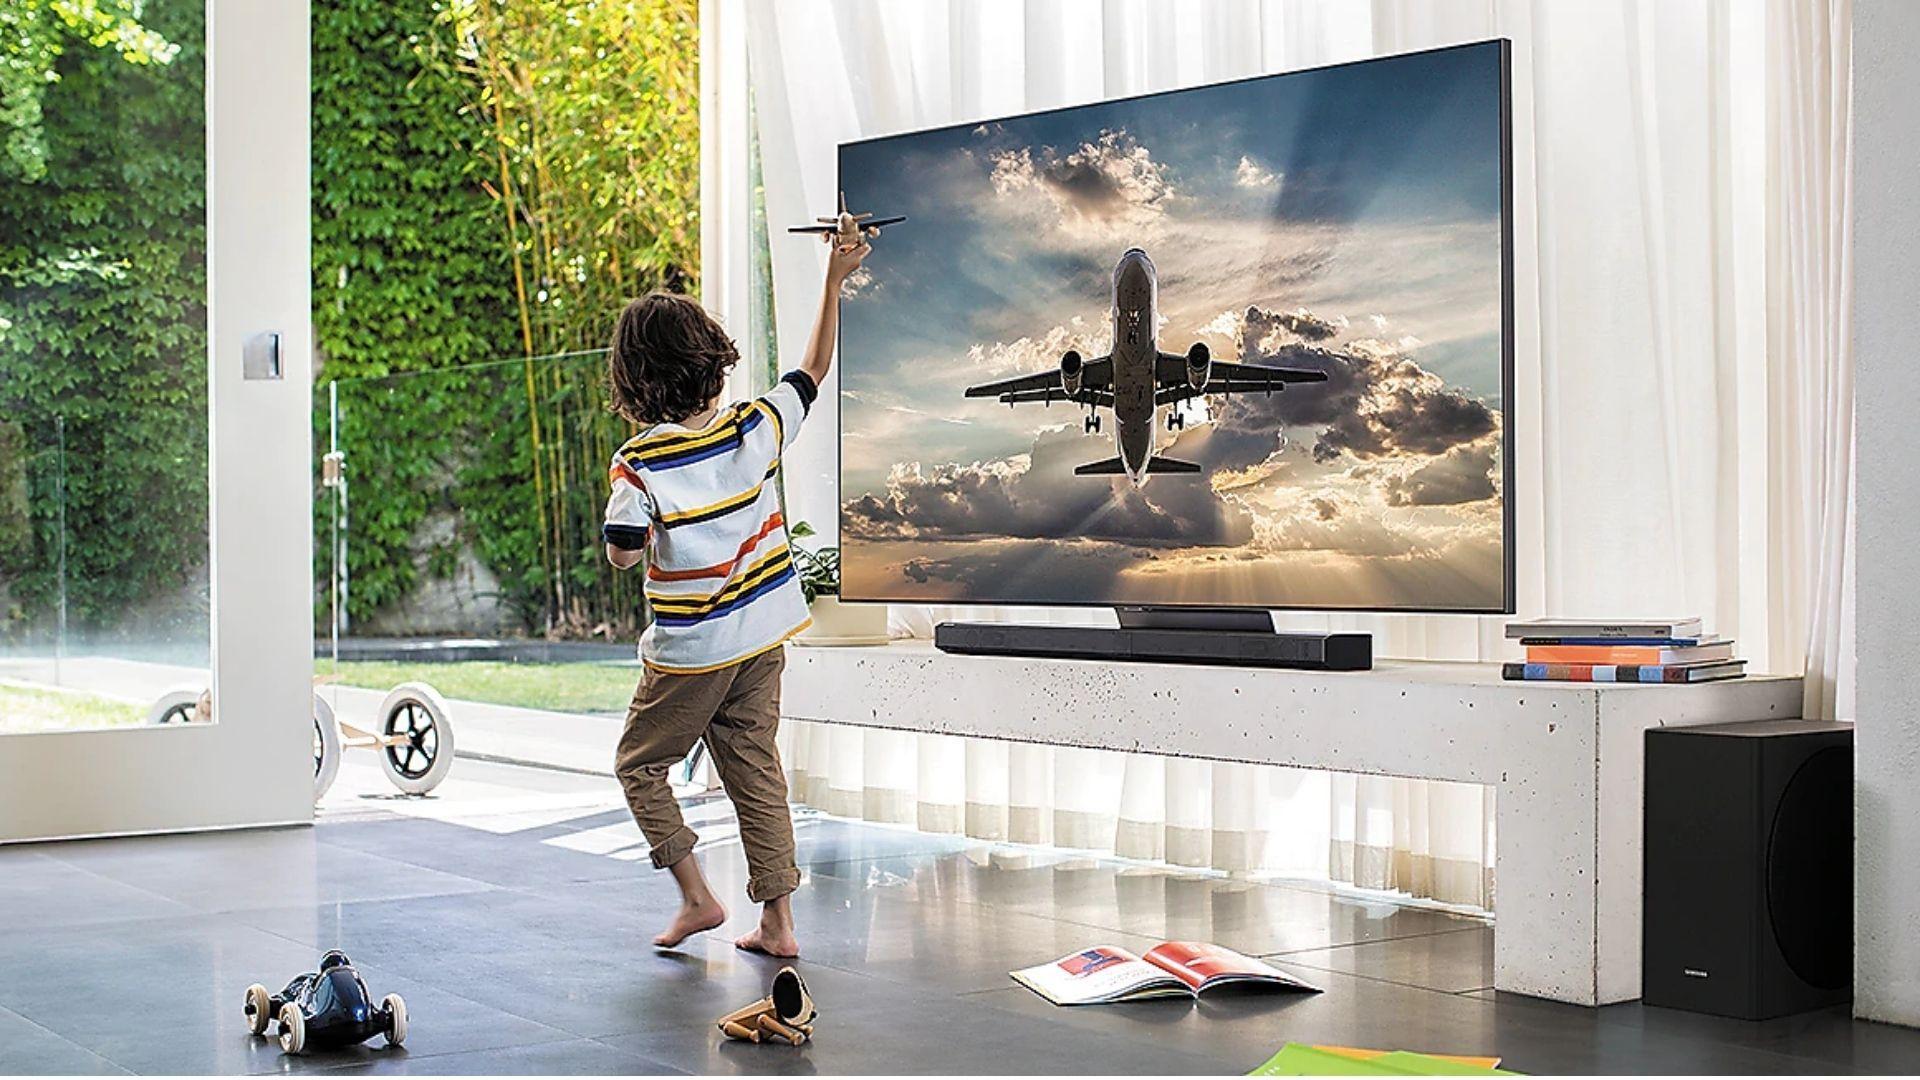 Samsung QLED Q95T é a TV 4K 2020 mais avançada da marca. (Imagem: Divulgação/Samsung)